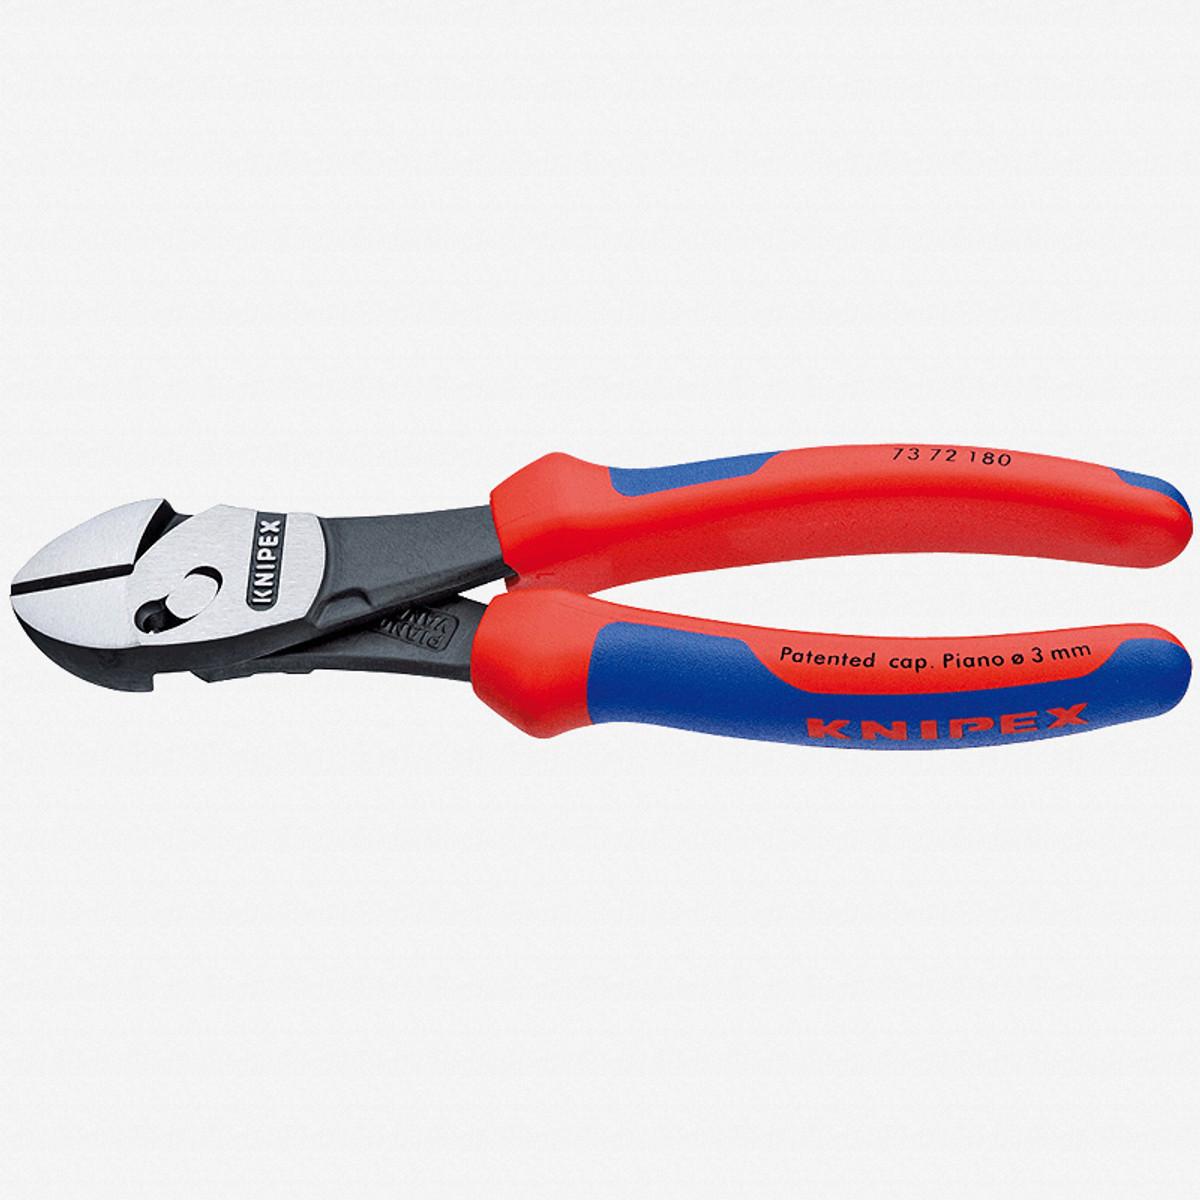 """Knipex 73-72-180 7"""" Twinforce Diagonal Super Cutter - Comfort Grip - KC Tool"""